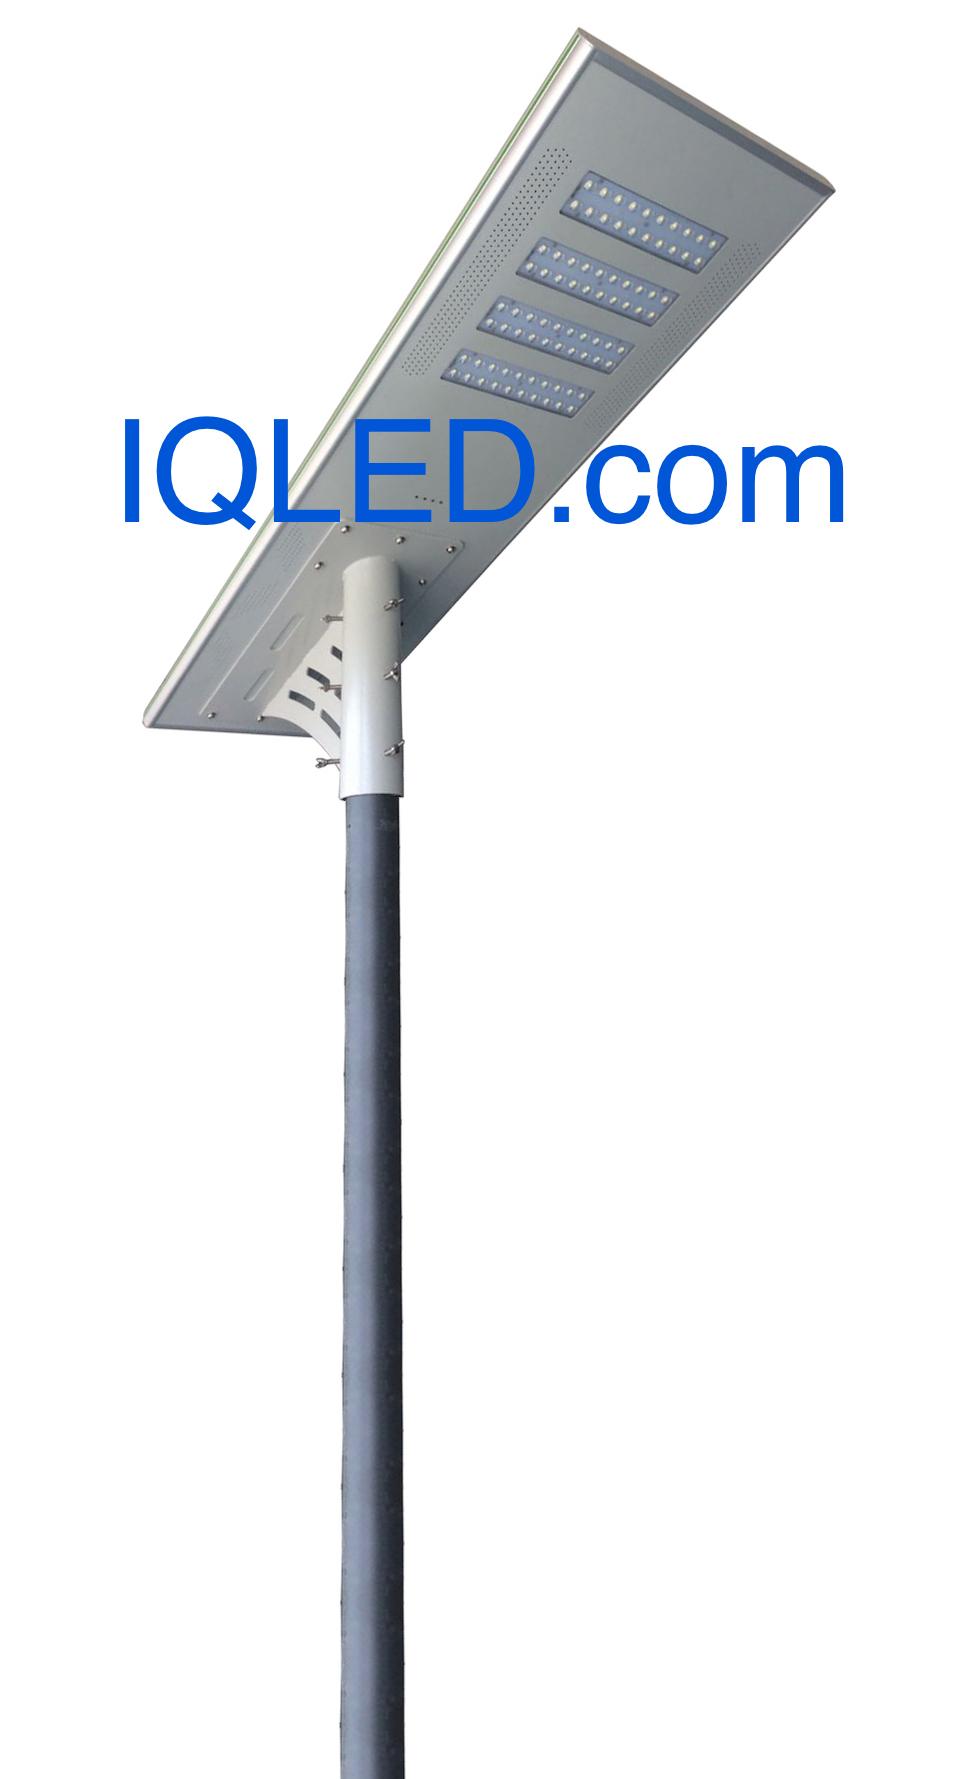 IQLED.com Solar Parking Lot Lights for Hotels